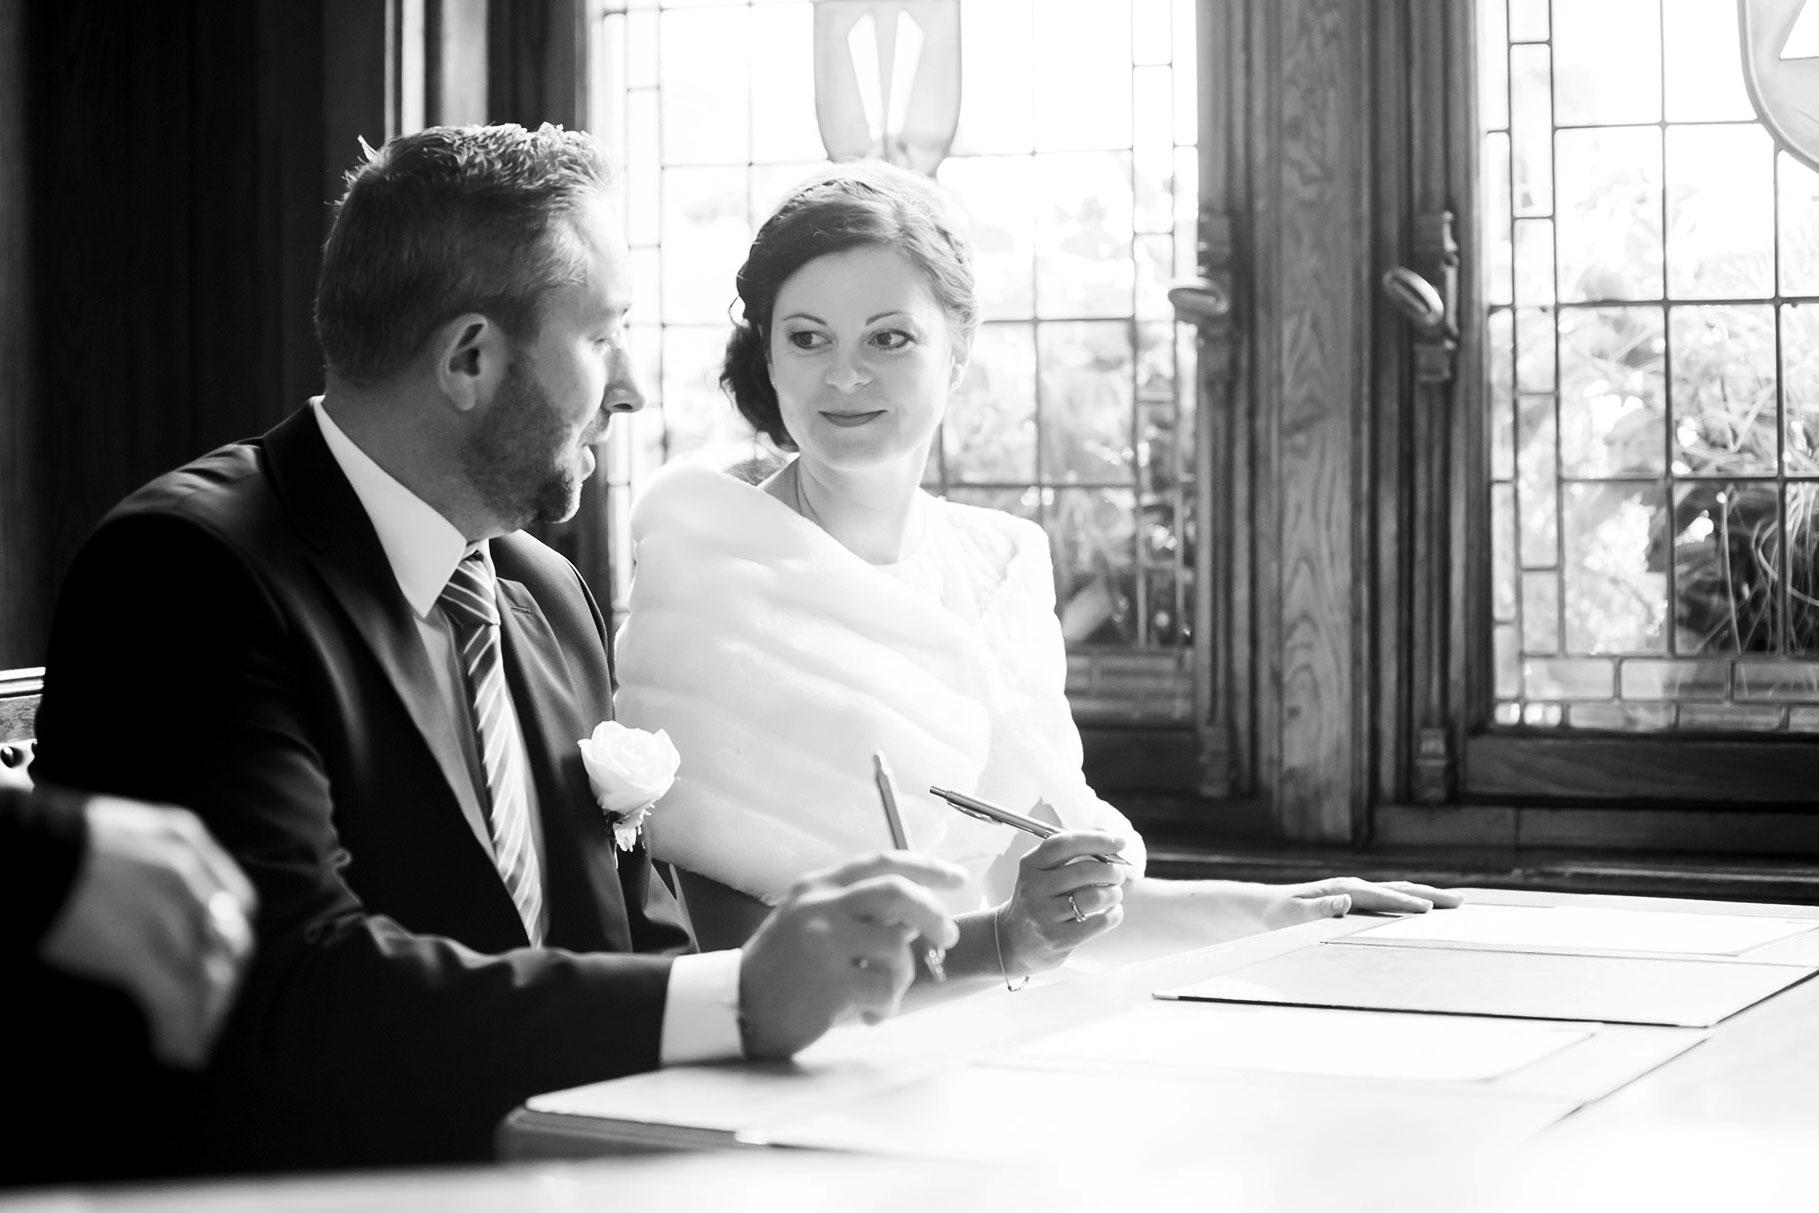 mariage-isabelle-emmanuel-16